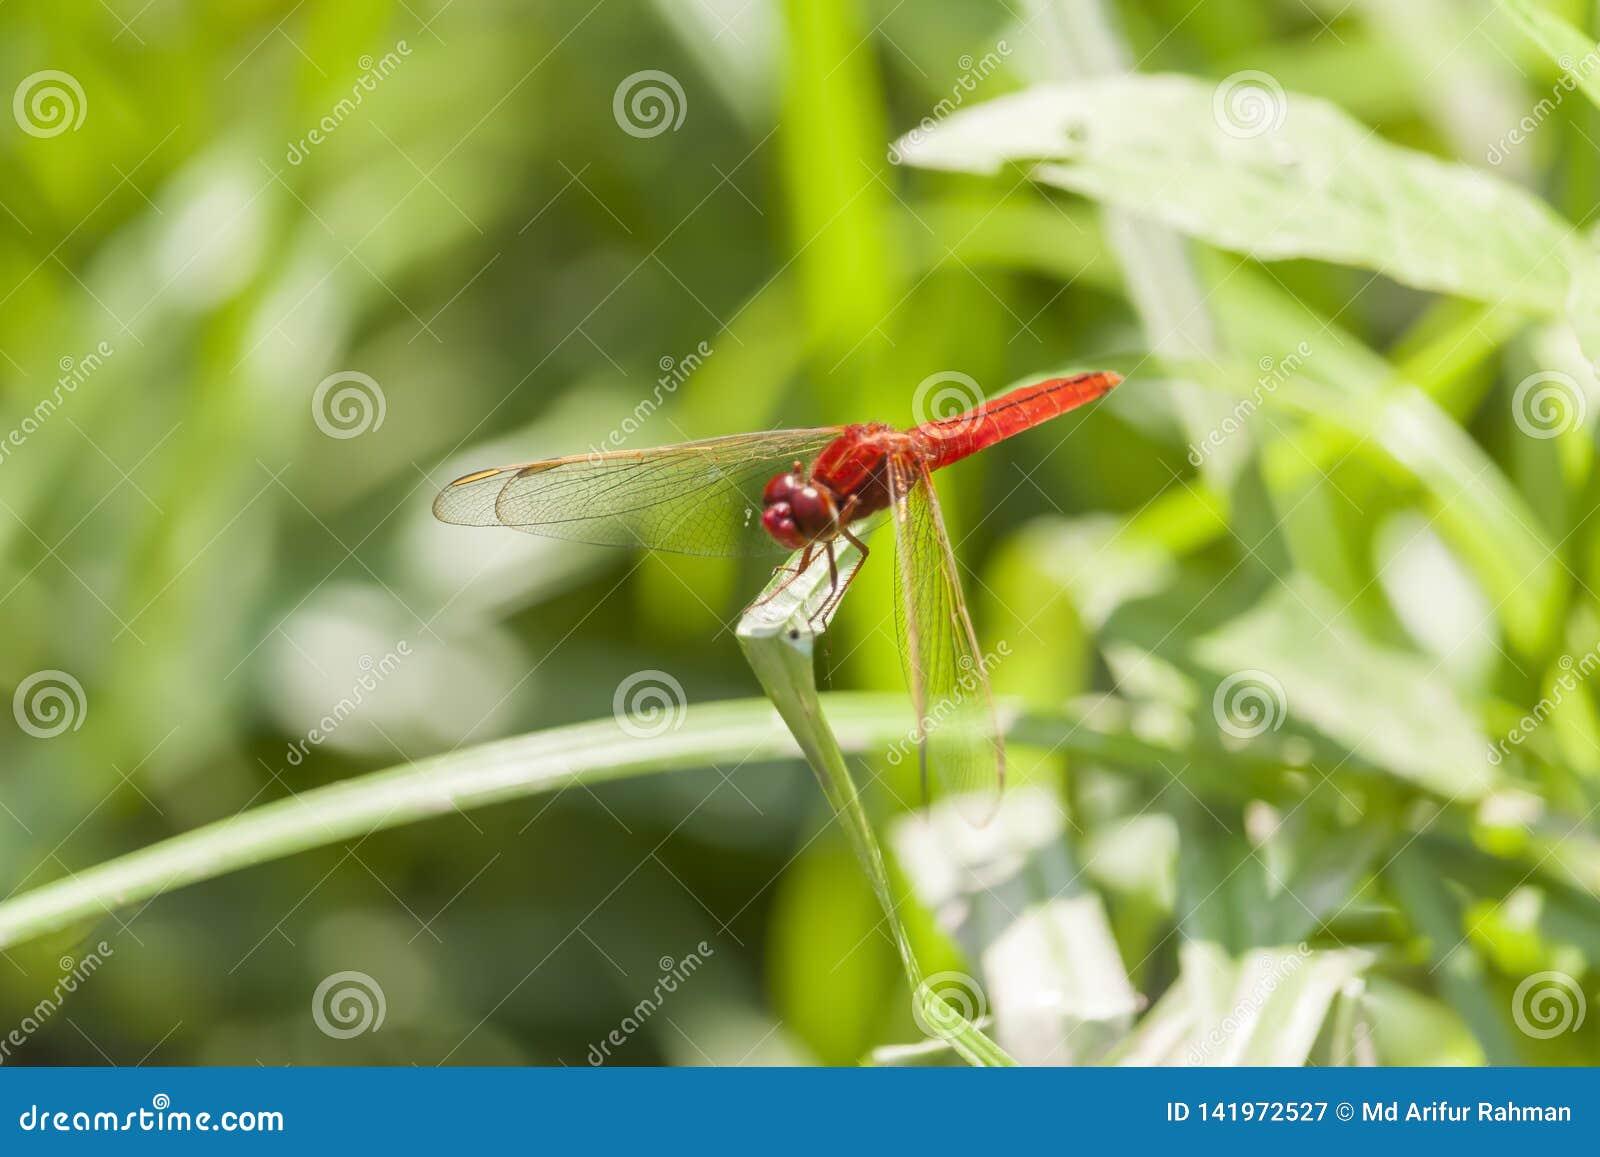 Colporteur migrateur rouge